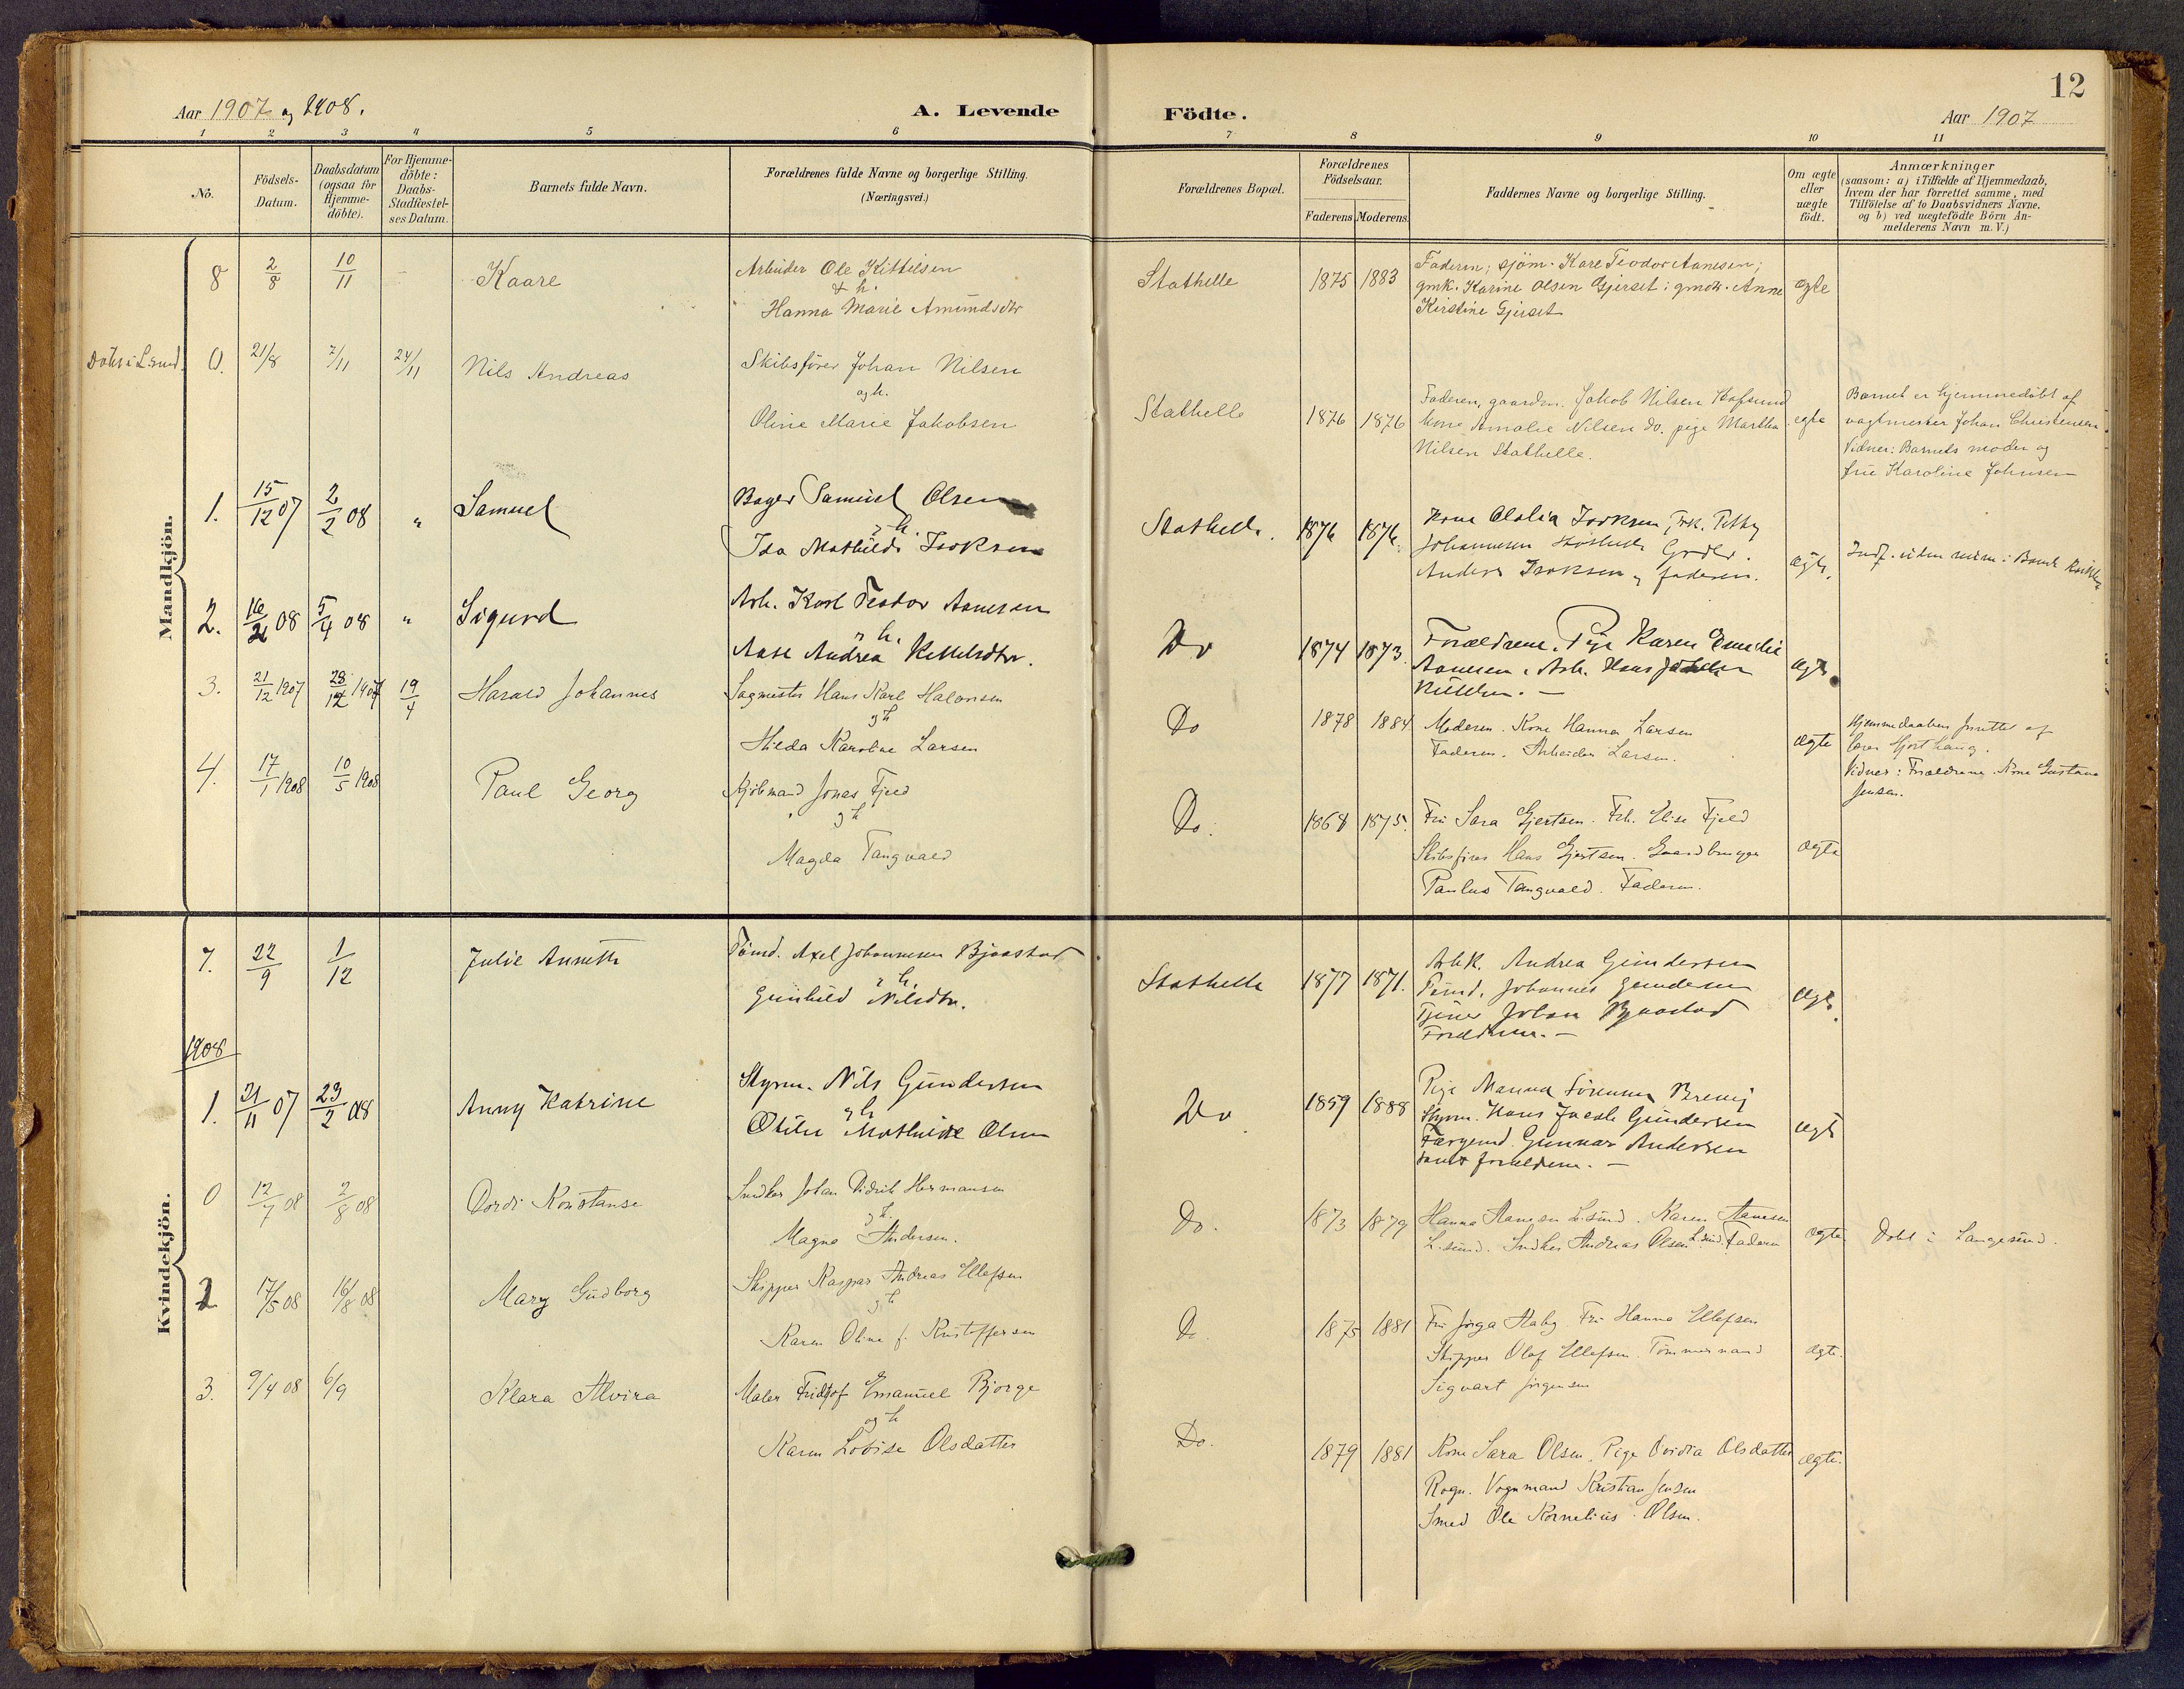 SAKO, Bamble kirkebøker, F/Fb/L0002: Ministerialbok nr. II 2, 1900-1921, s. 12